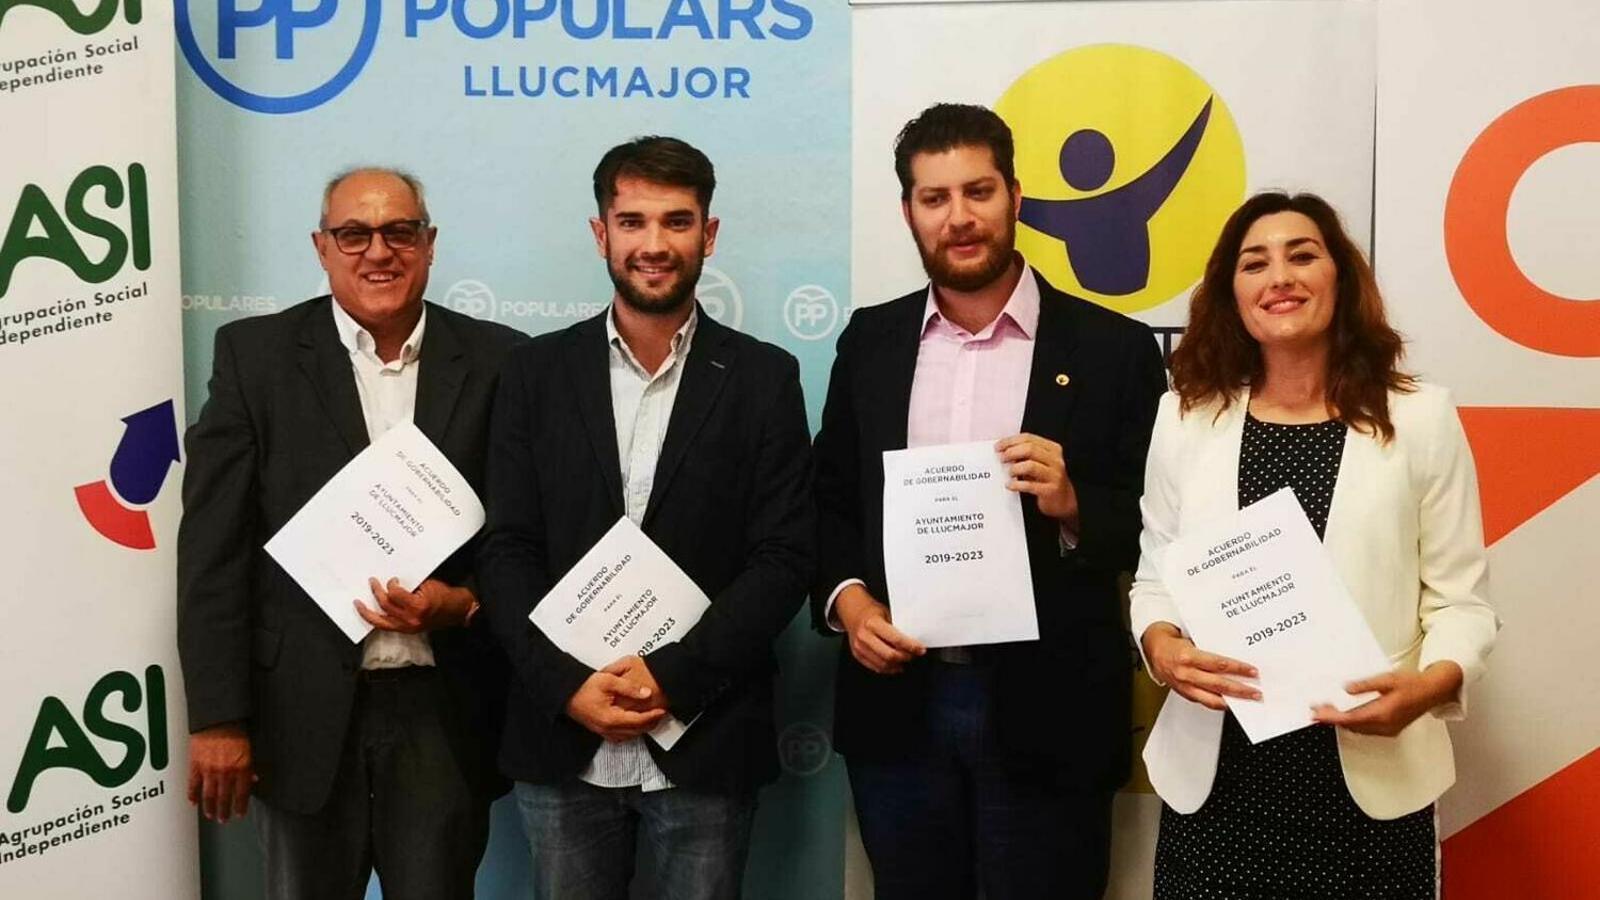 Presentació de l'acord de governabilitat de Llucmajor amb 4 partits.